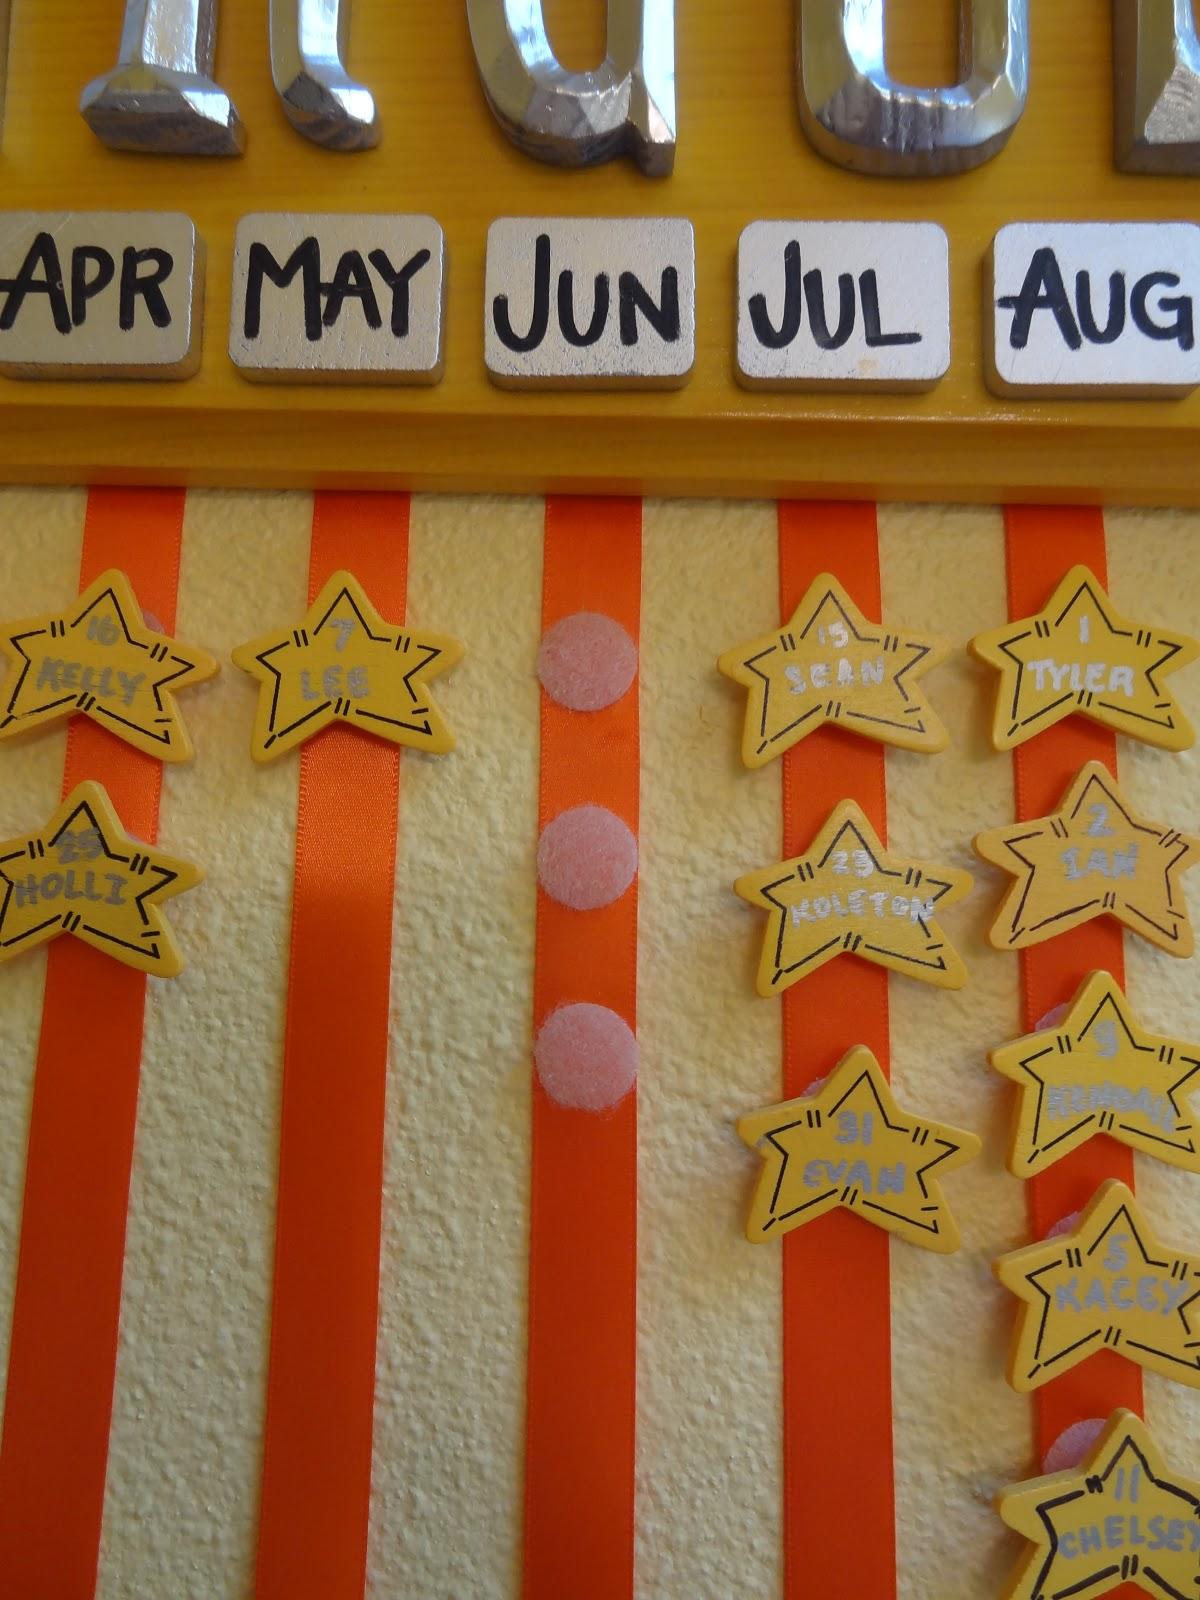 Diy Birthday Calendar : Jon holli s diy birthday calendar